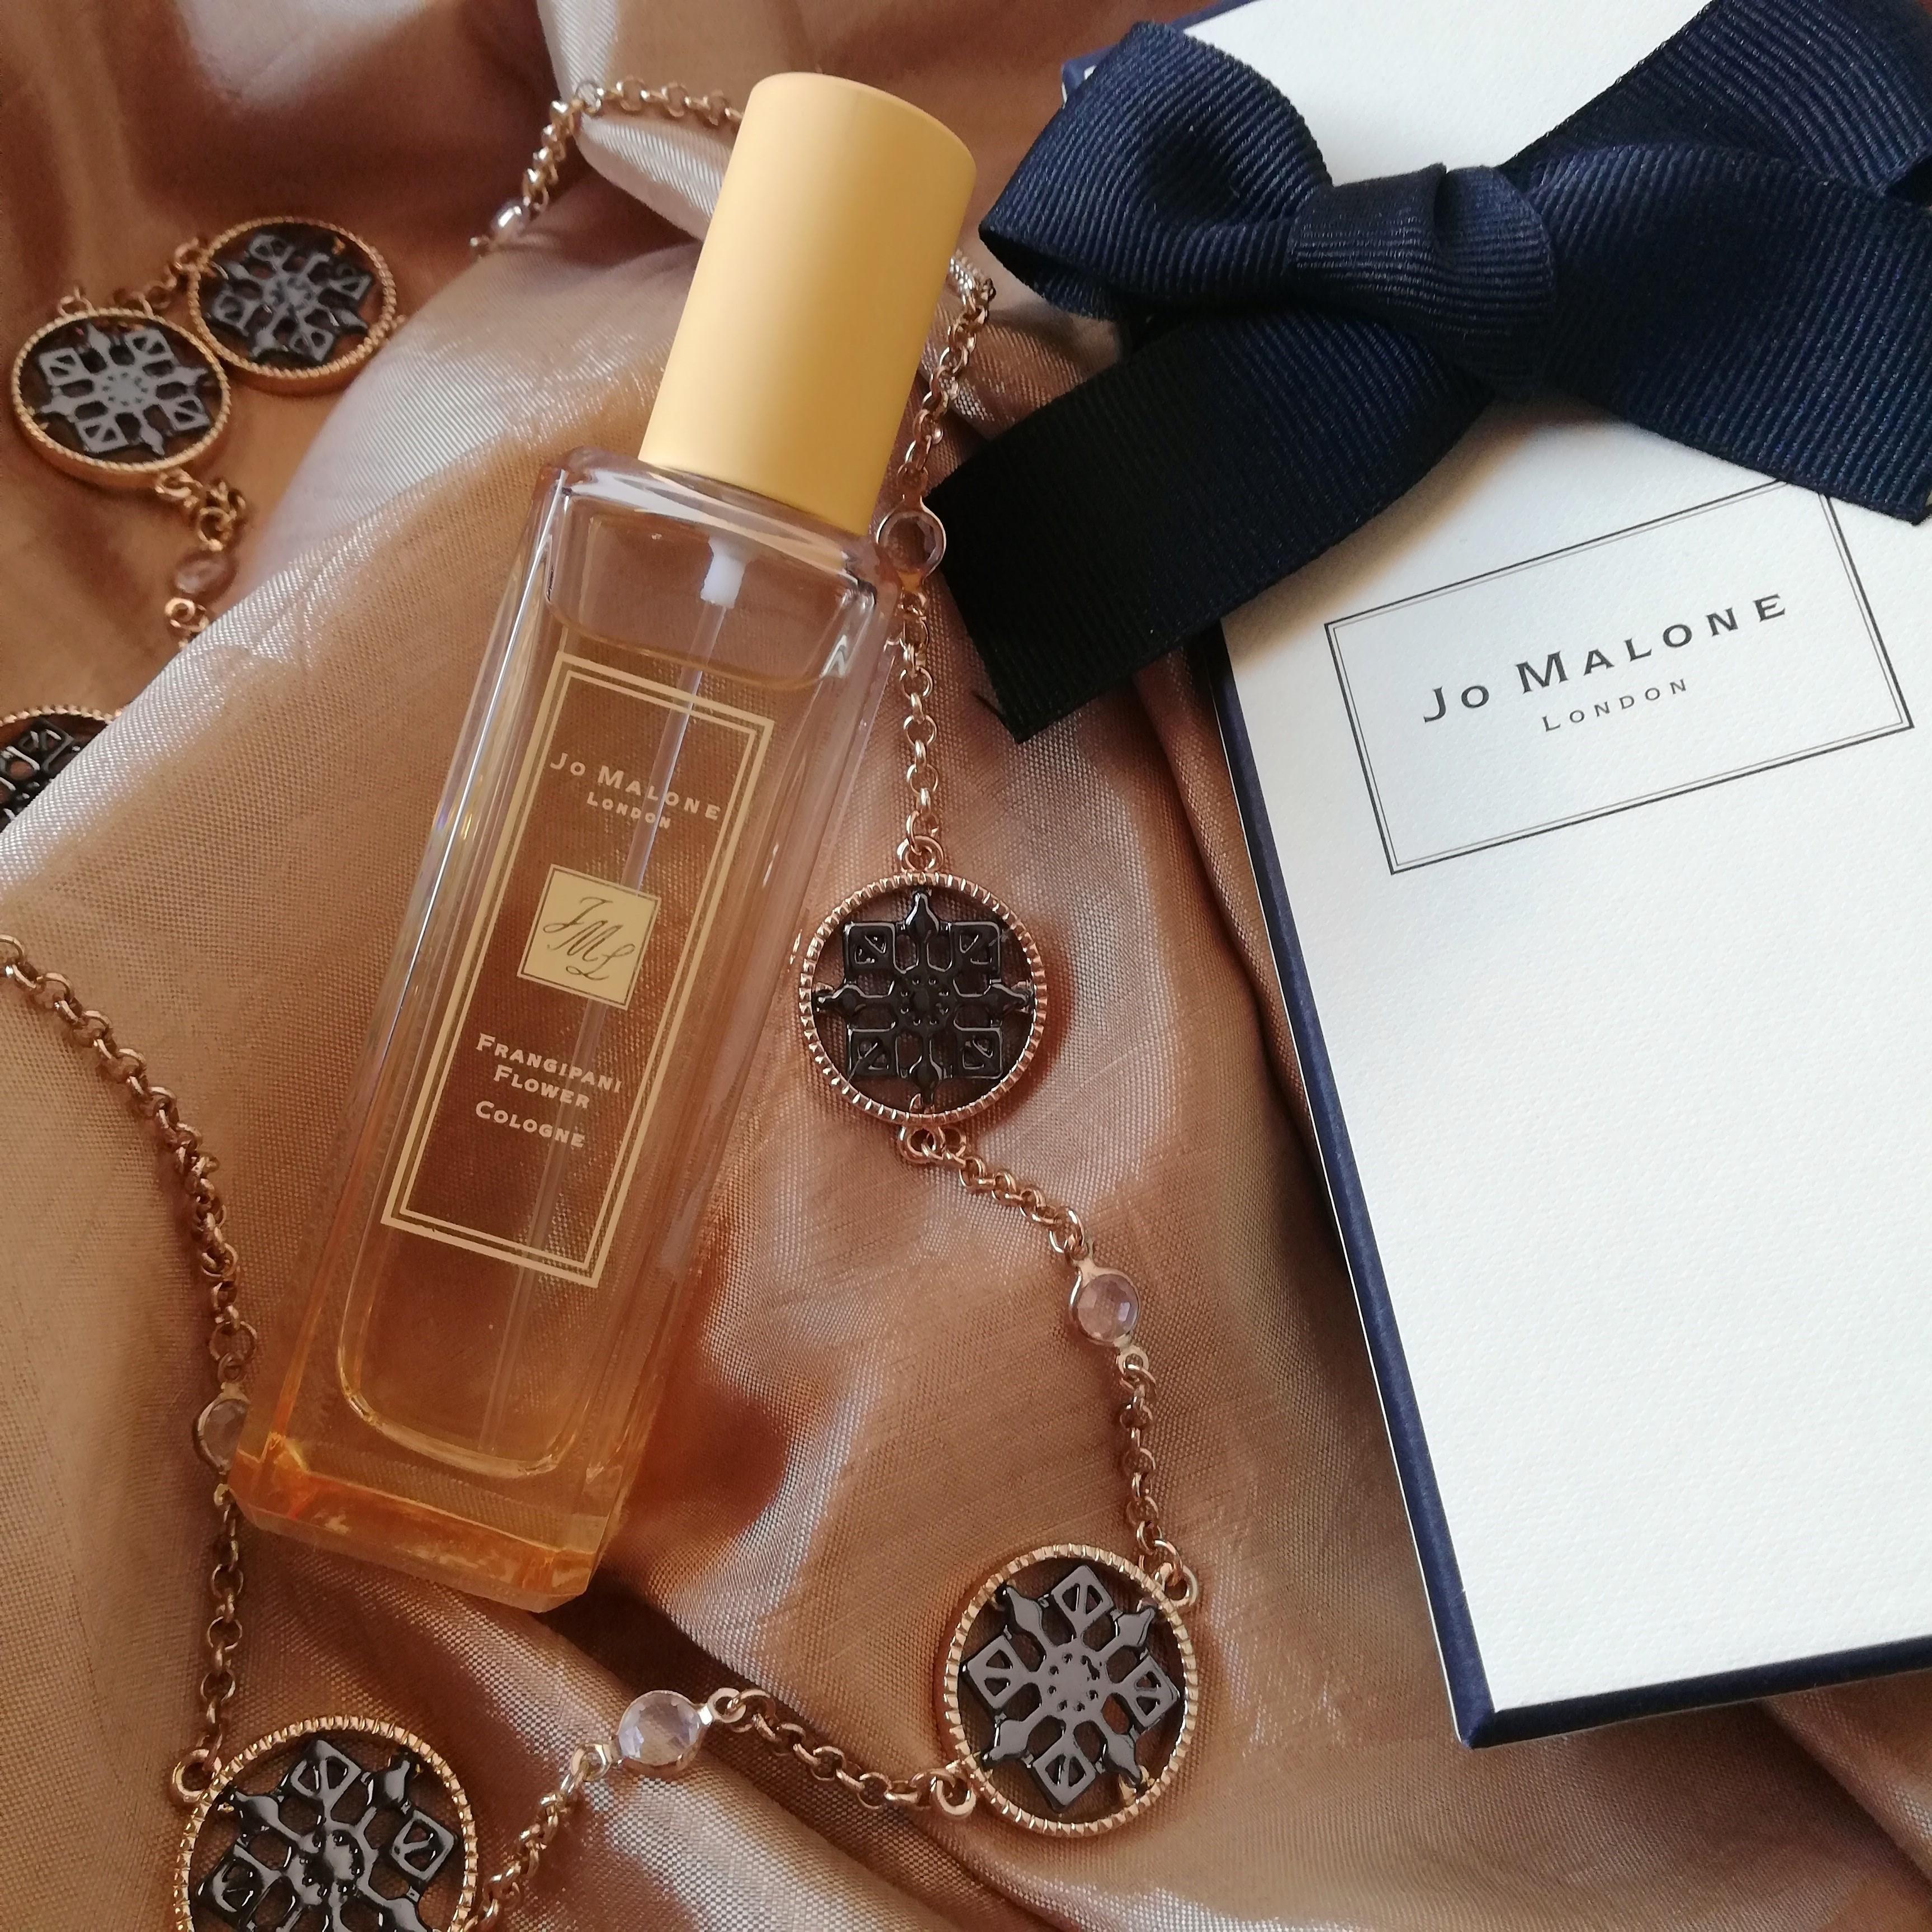 Jo Malone profumo frangipani